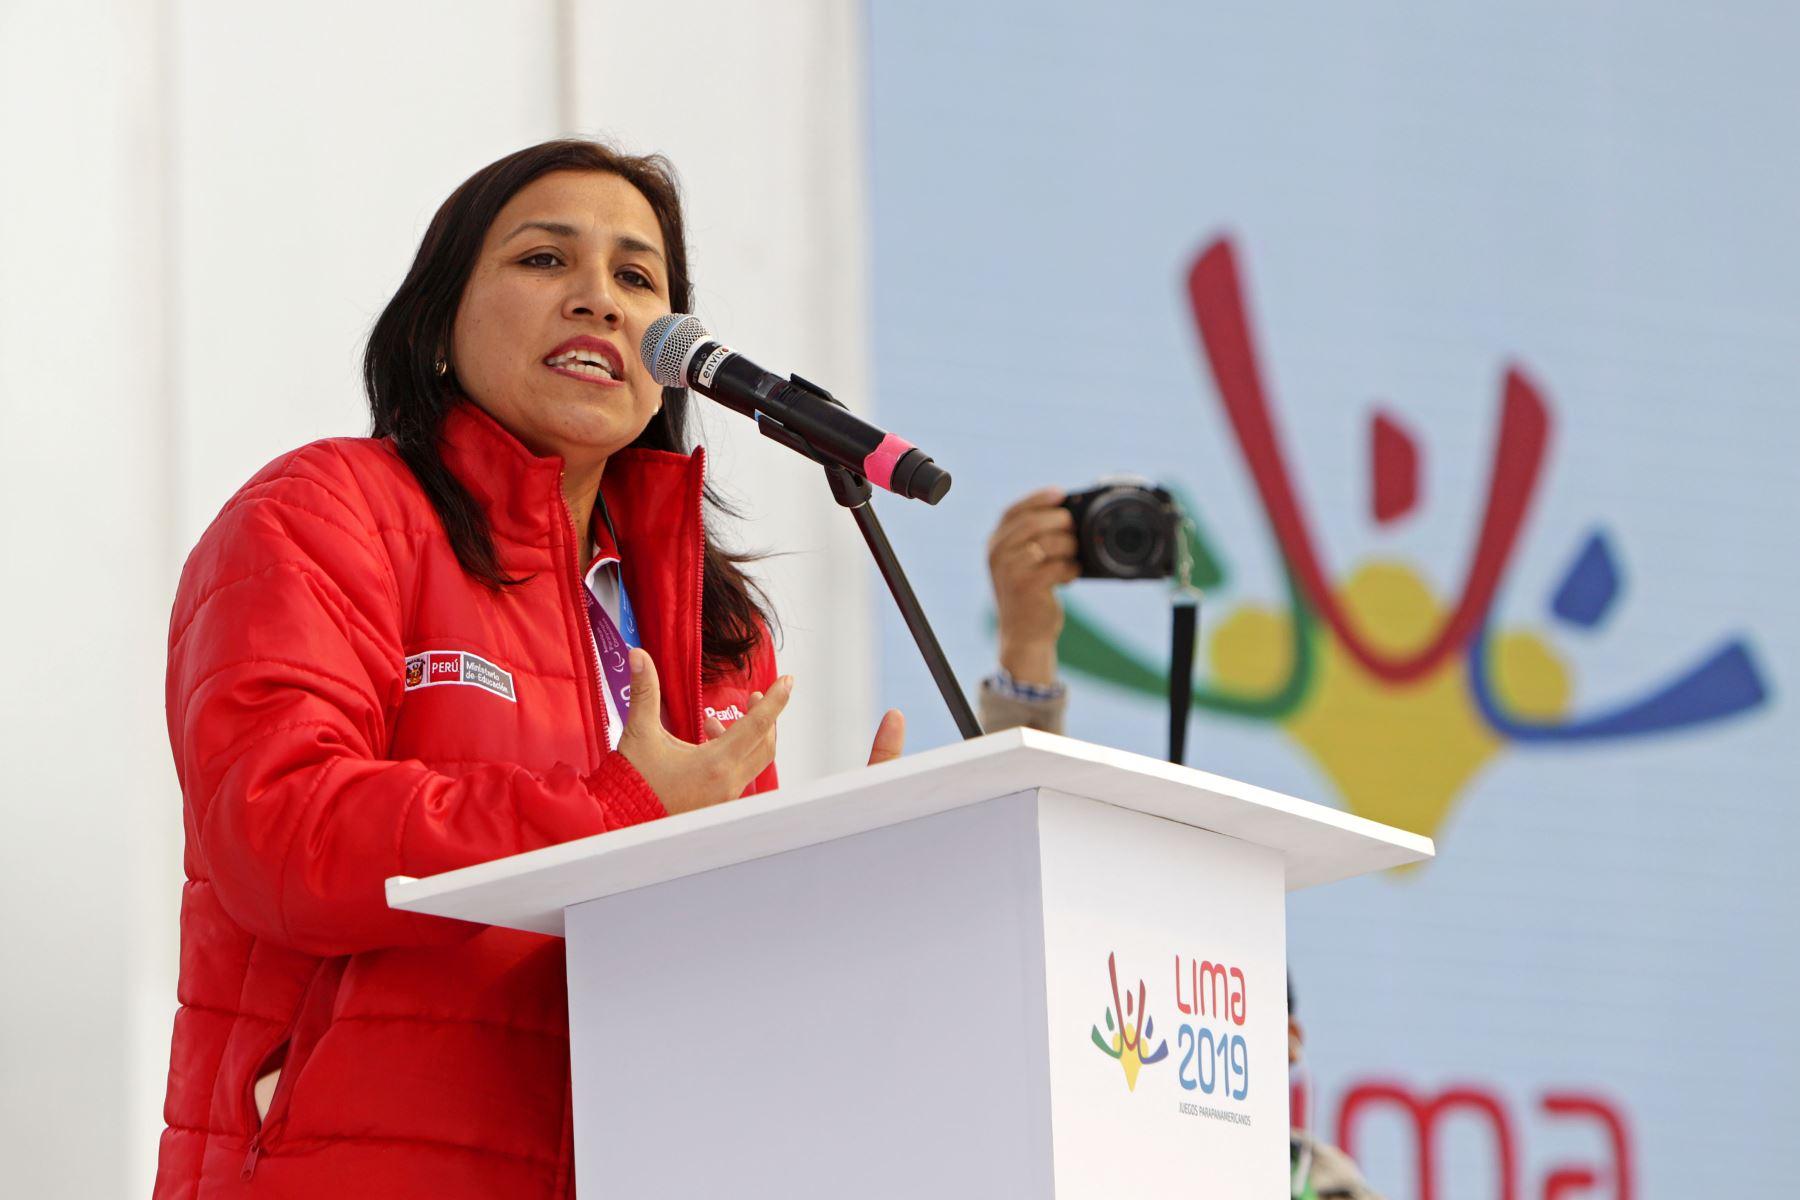 La ministra de Educación, Flor Pablo Medina  da la bienvenida a la  delegación de deportistas que participarán en los Juegos Parapanamericanos Lima 2019. Foto: ANDINA/Lima 2019